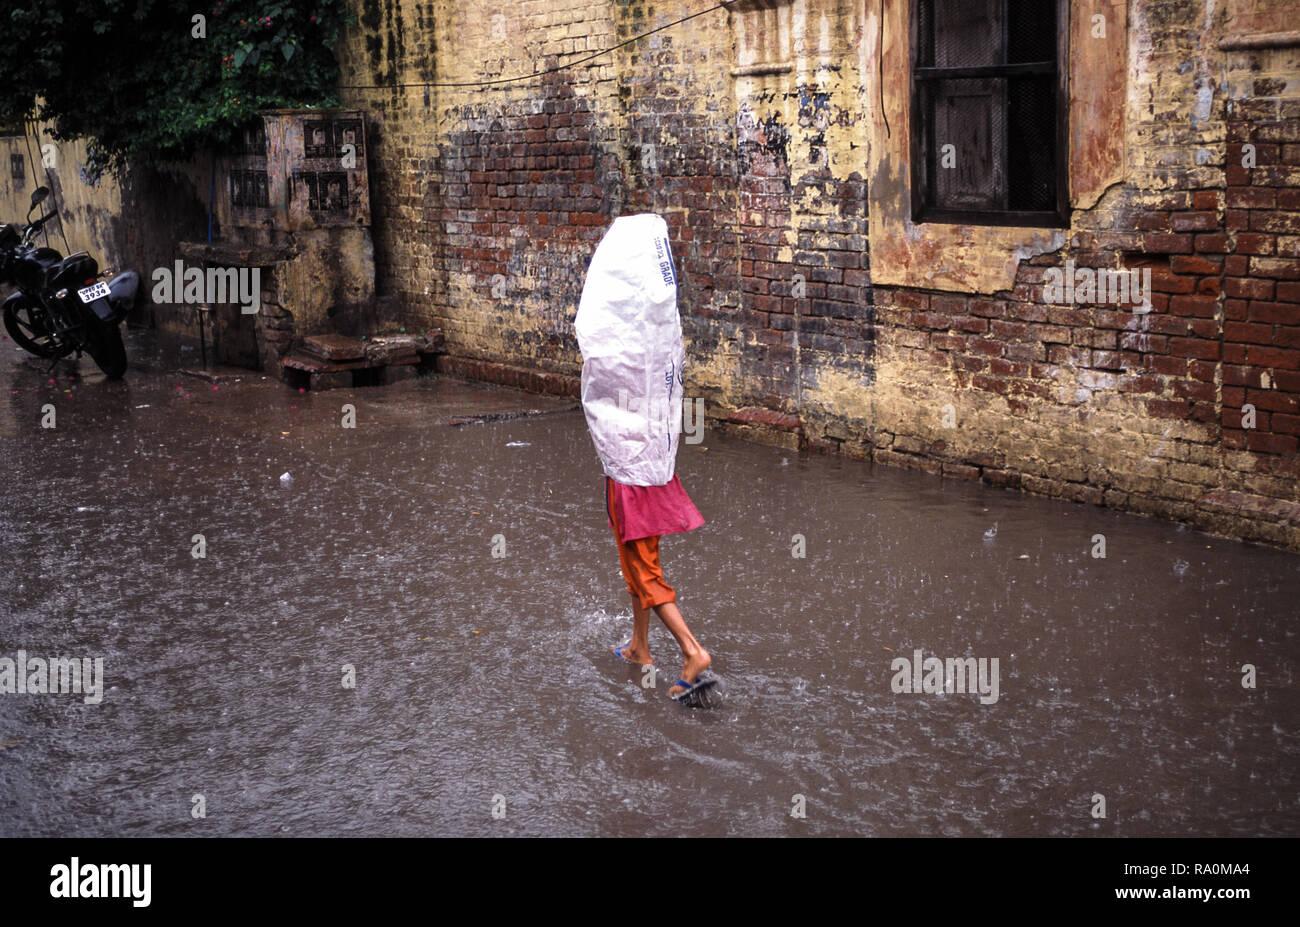 23.08.2010, Agra, Uttar Pradesh, Indien, Asien - Ein Fussgaenger watet waehrend eines Monsungewitters durch knoecheltiefes Hochwasser auf einer Strass - Stock Image